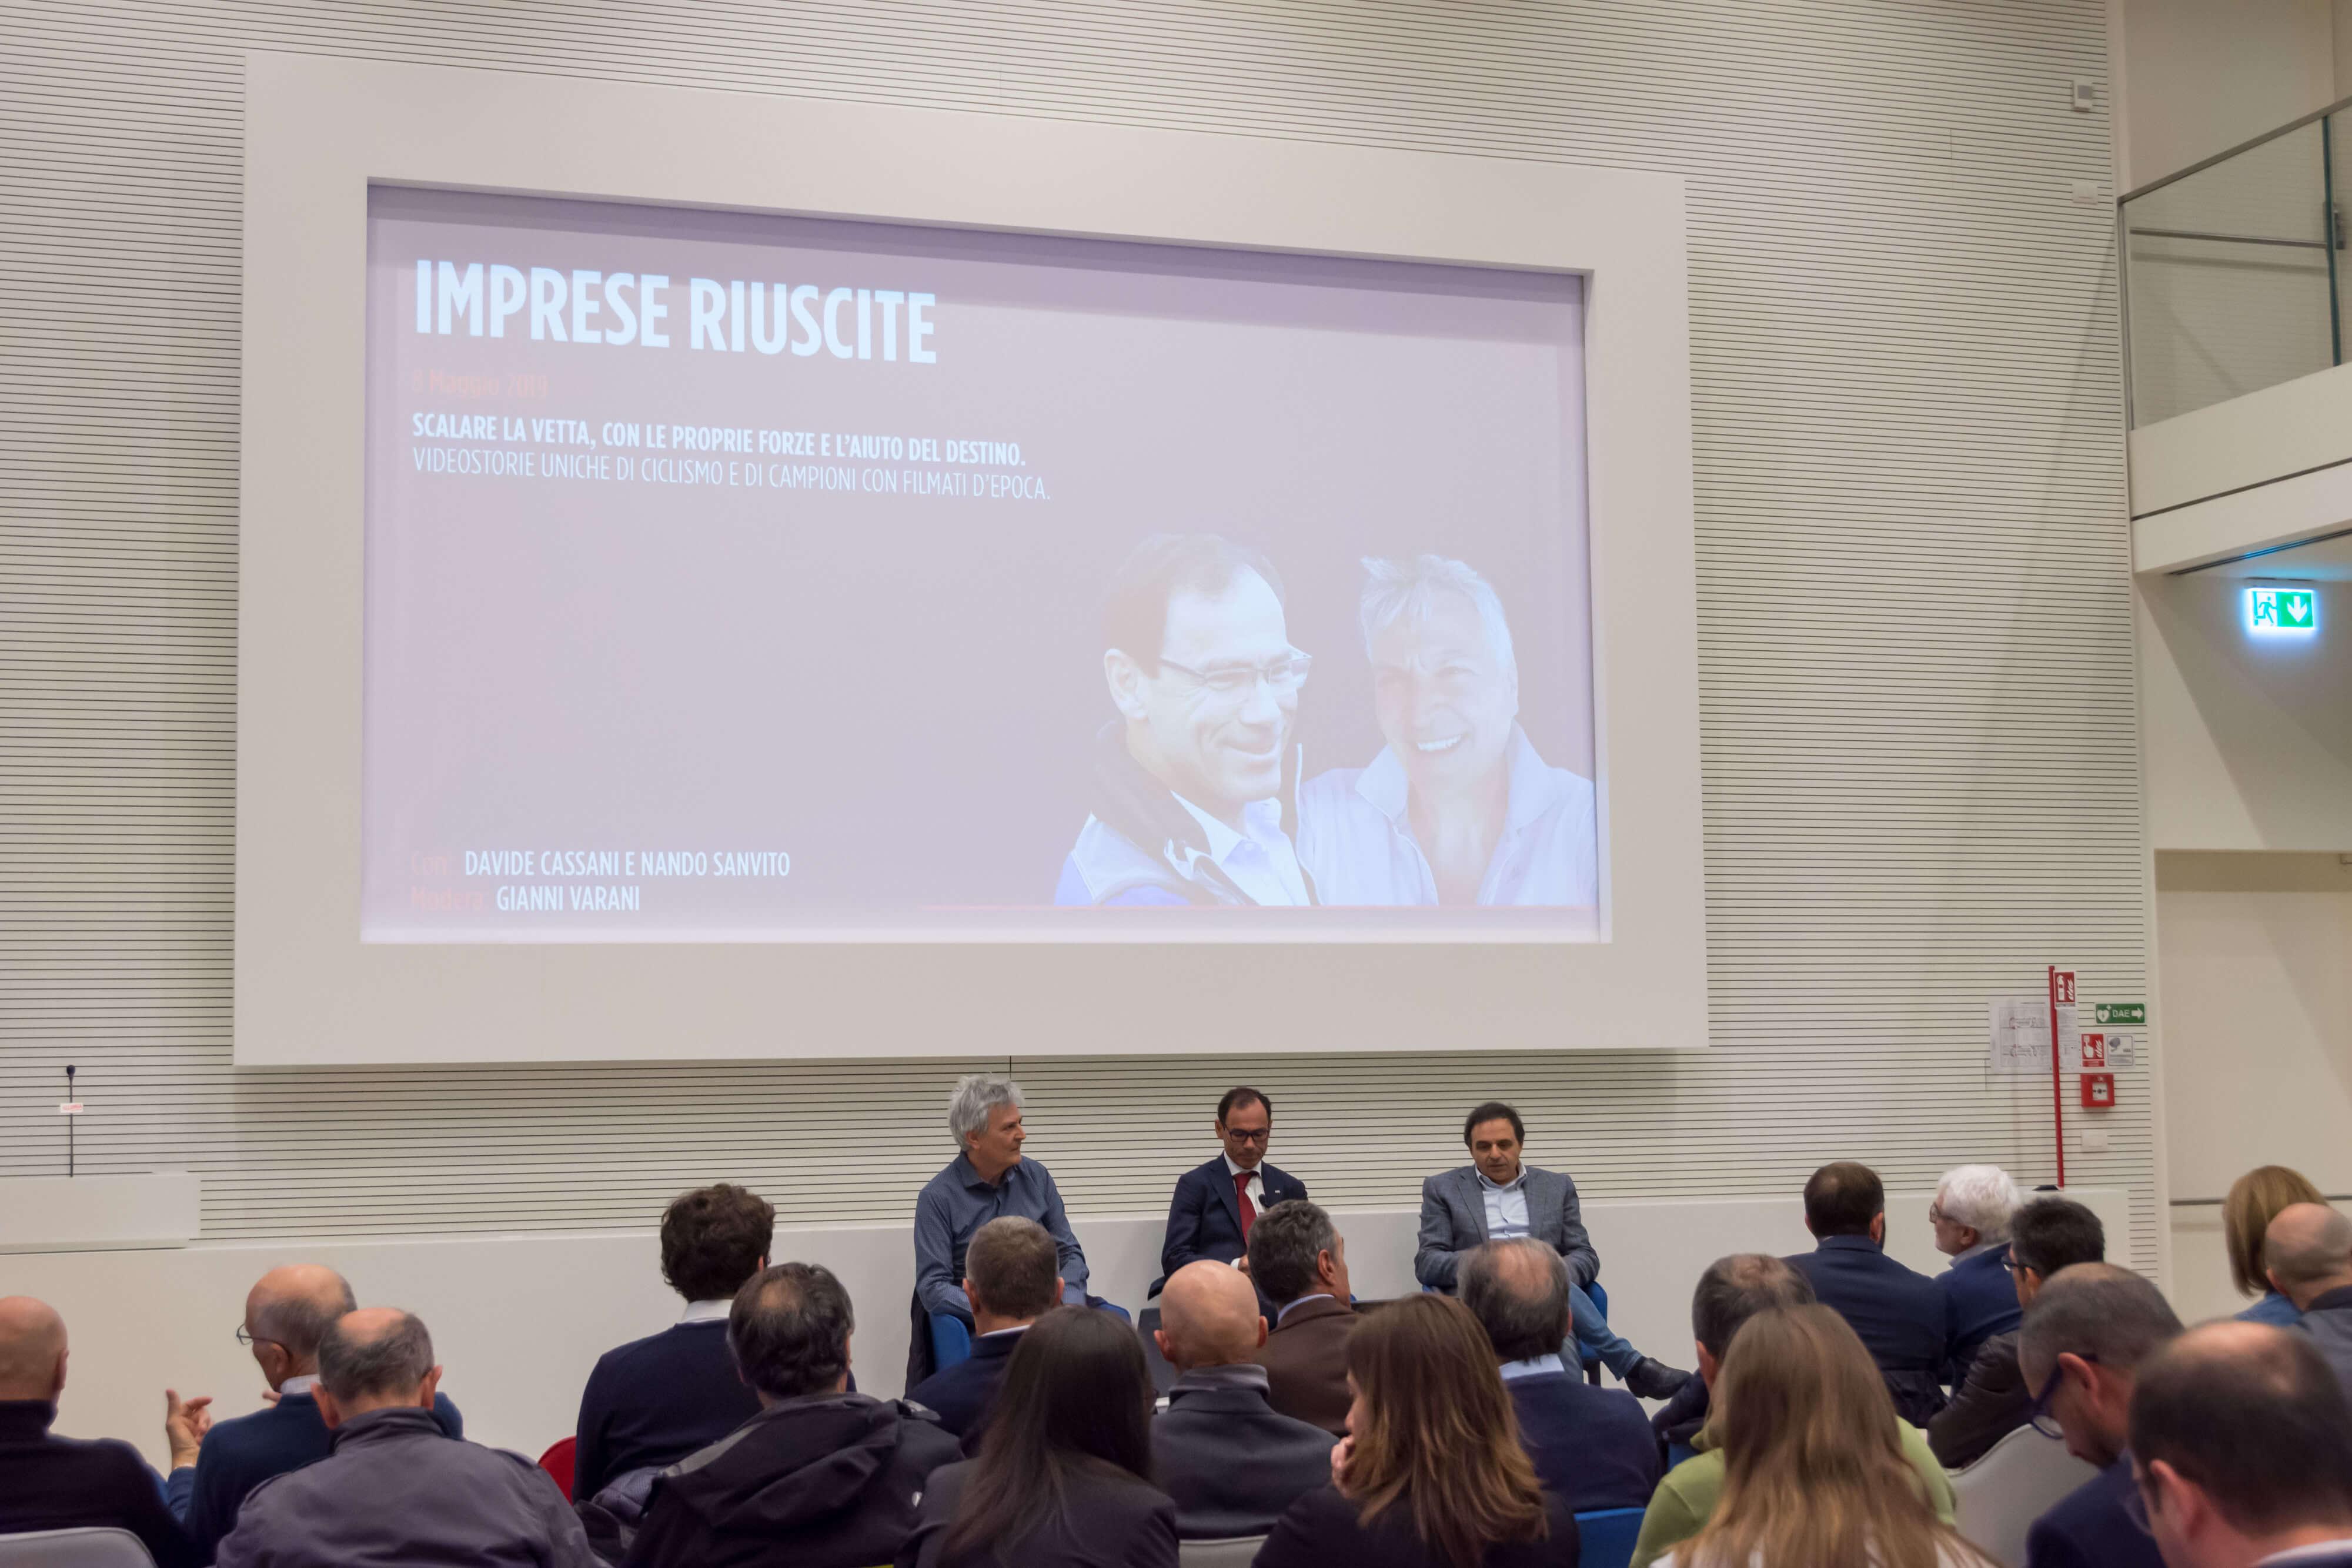 2019_05_08_Imprese-Riuscite-10